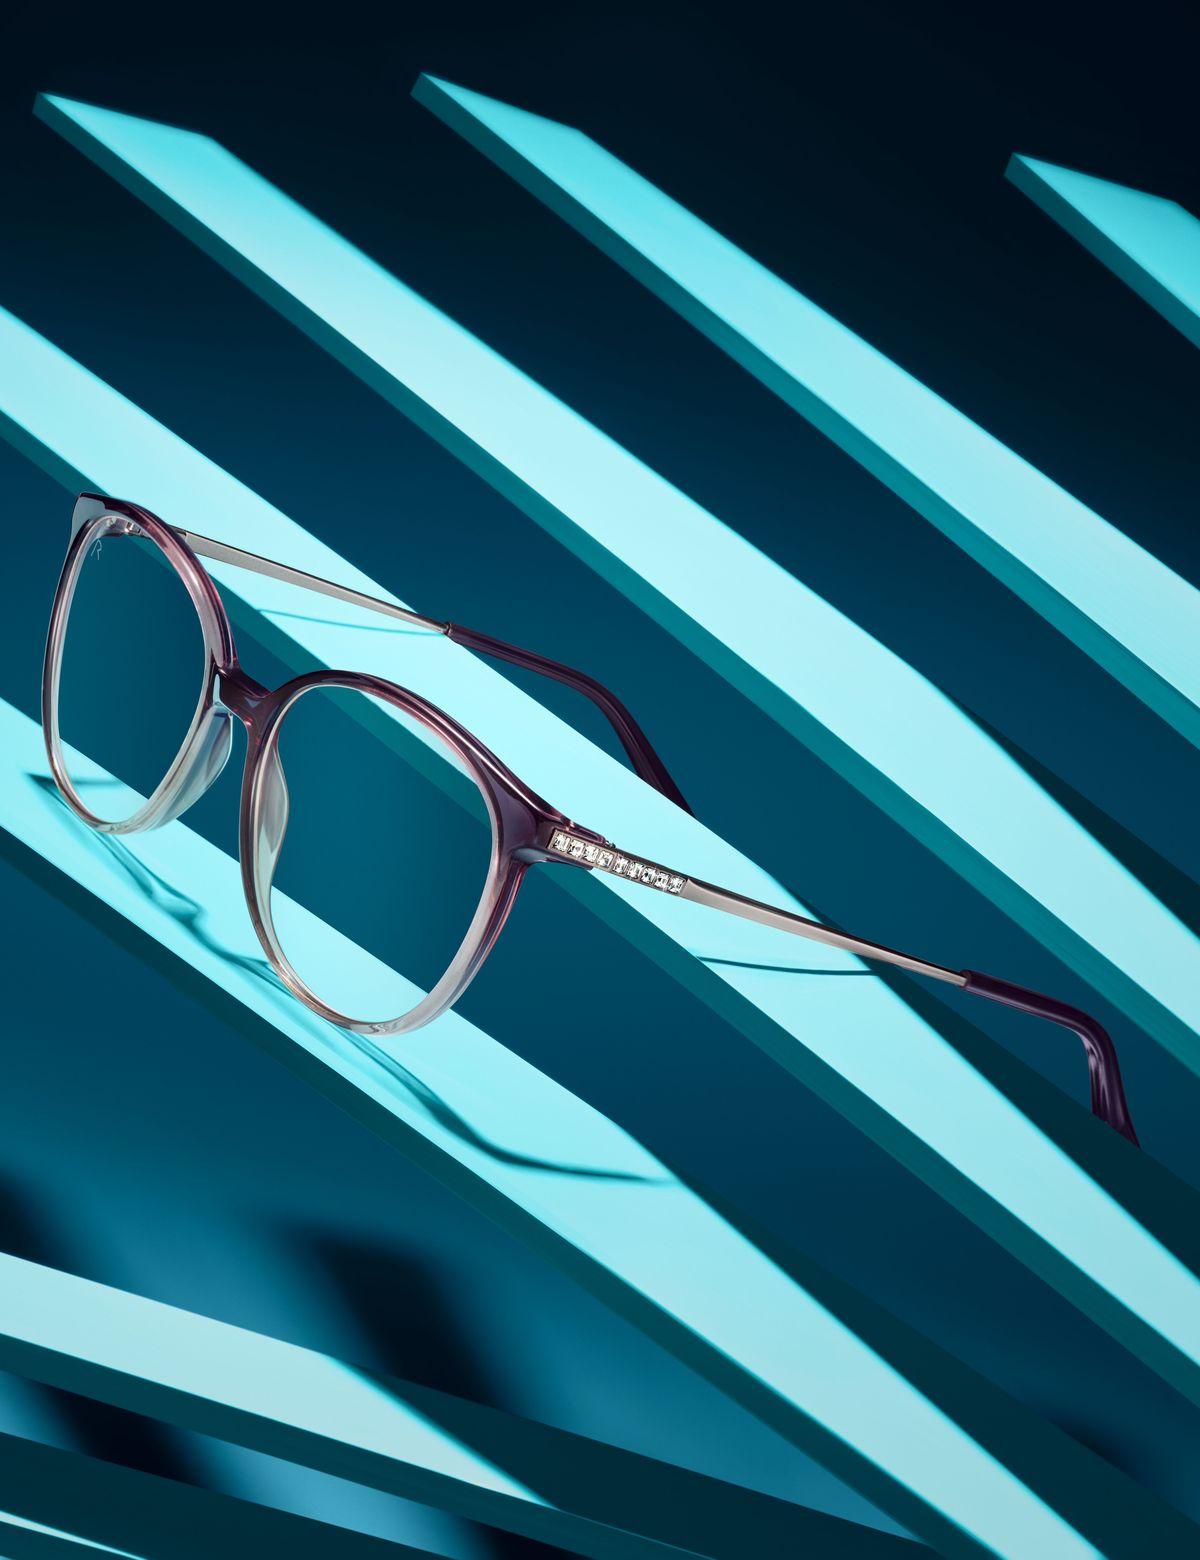 Rodenstock-Brille mit Swarovski-Kristallen